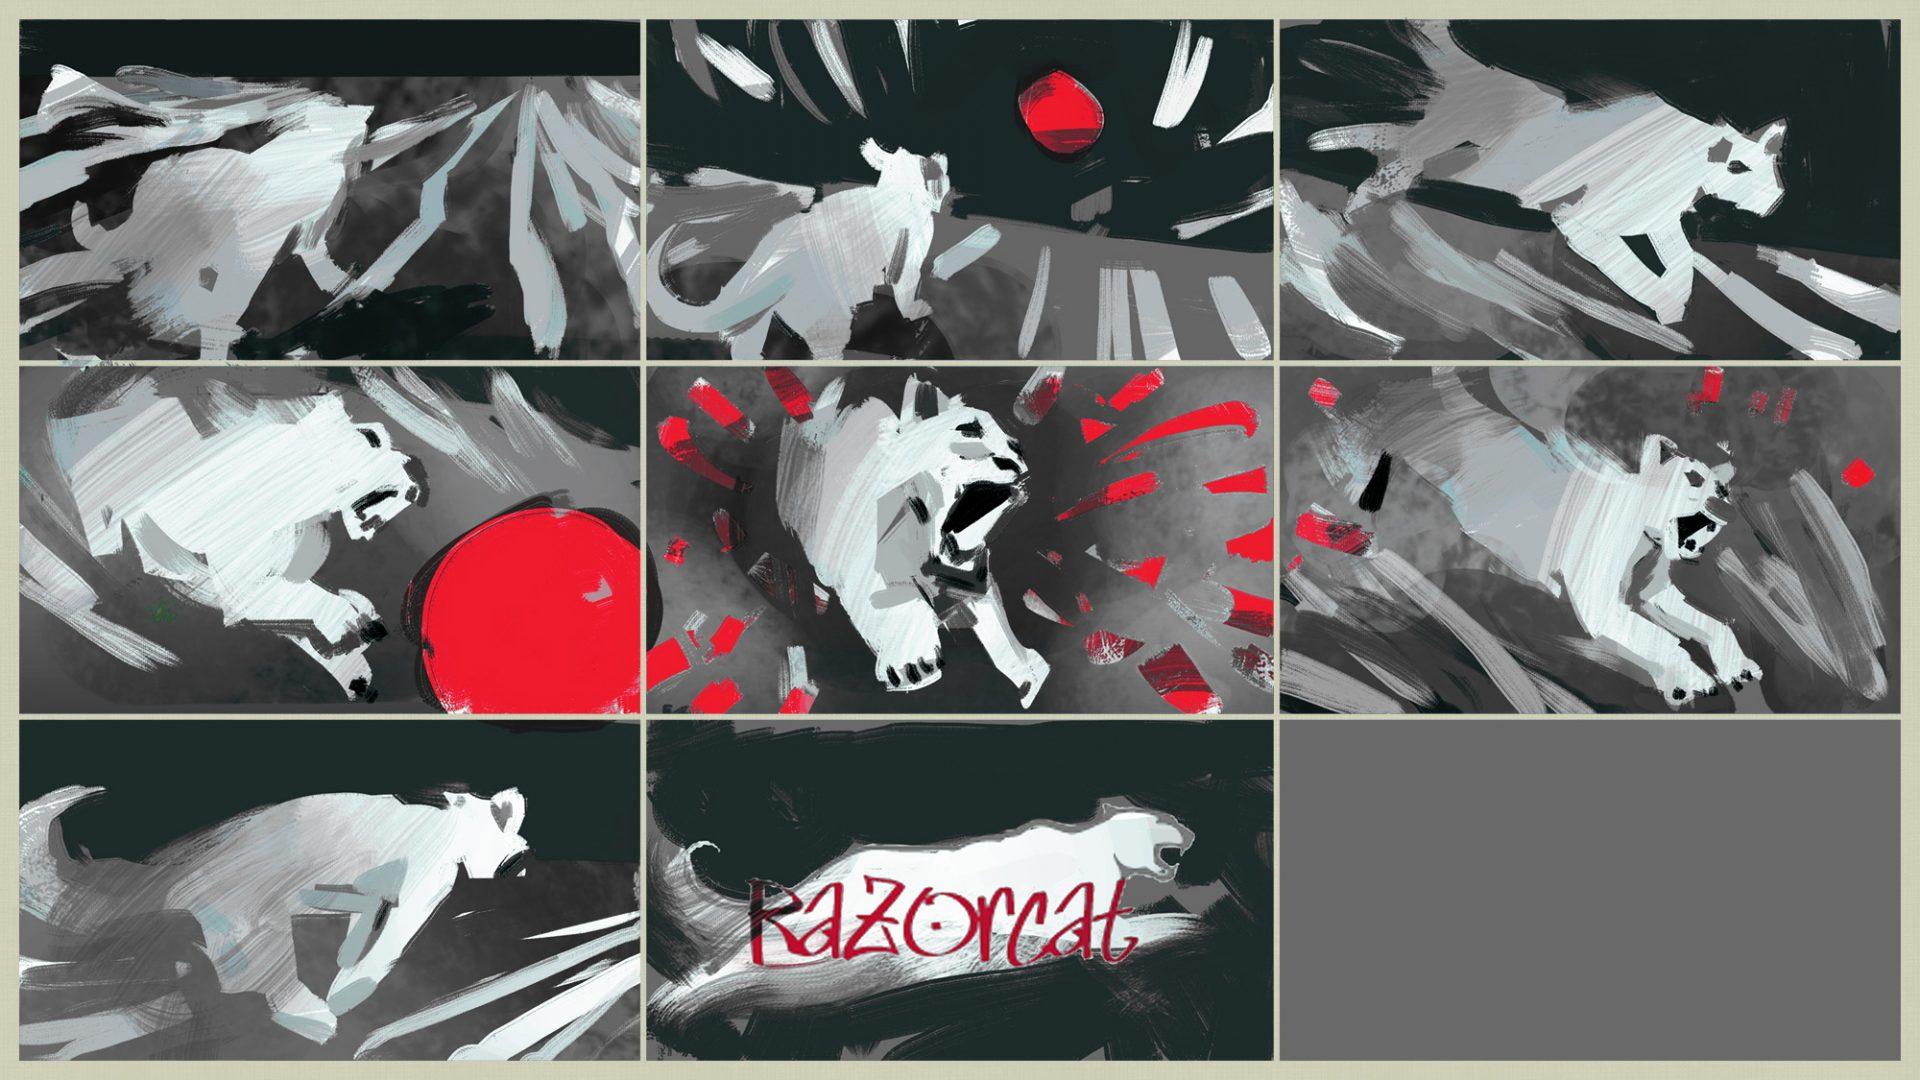 razorcat1_1_color_m1